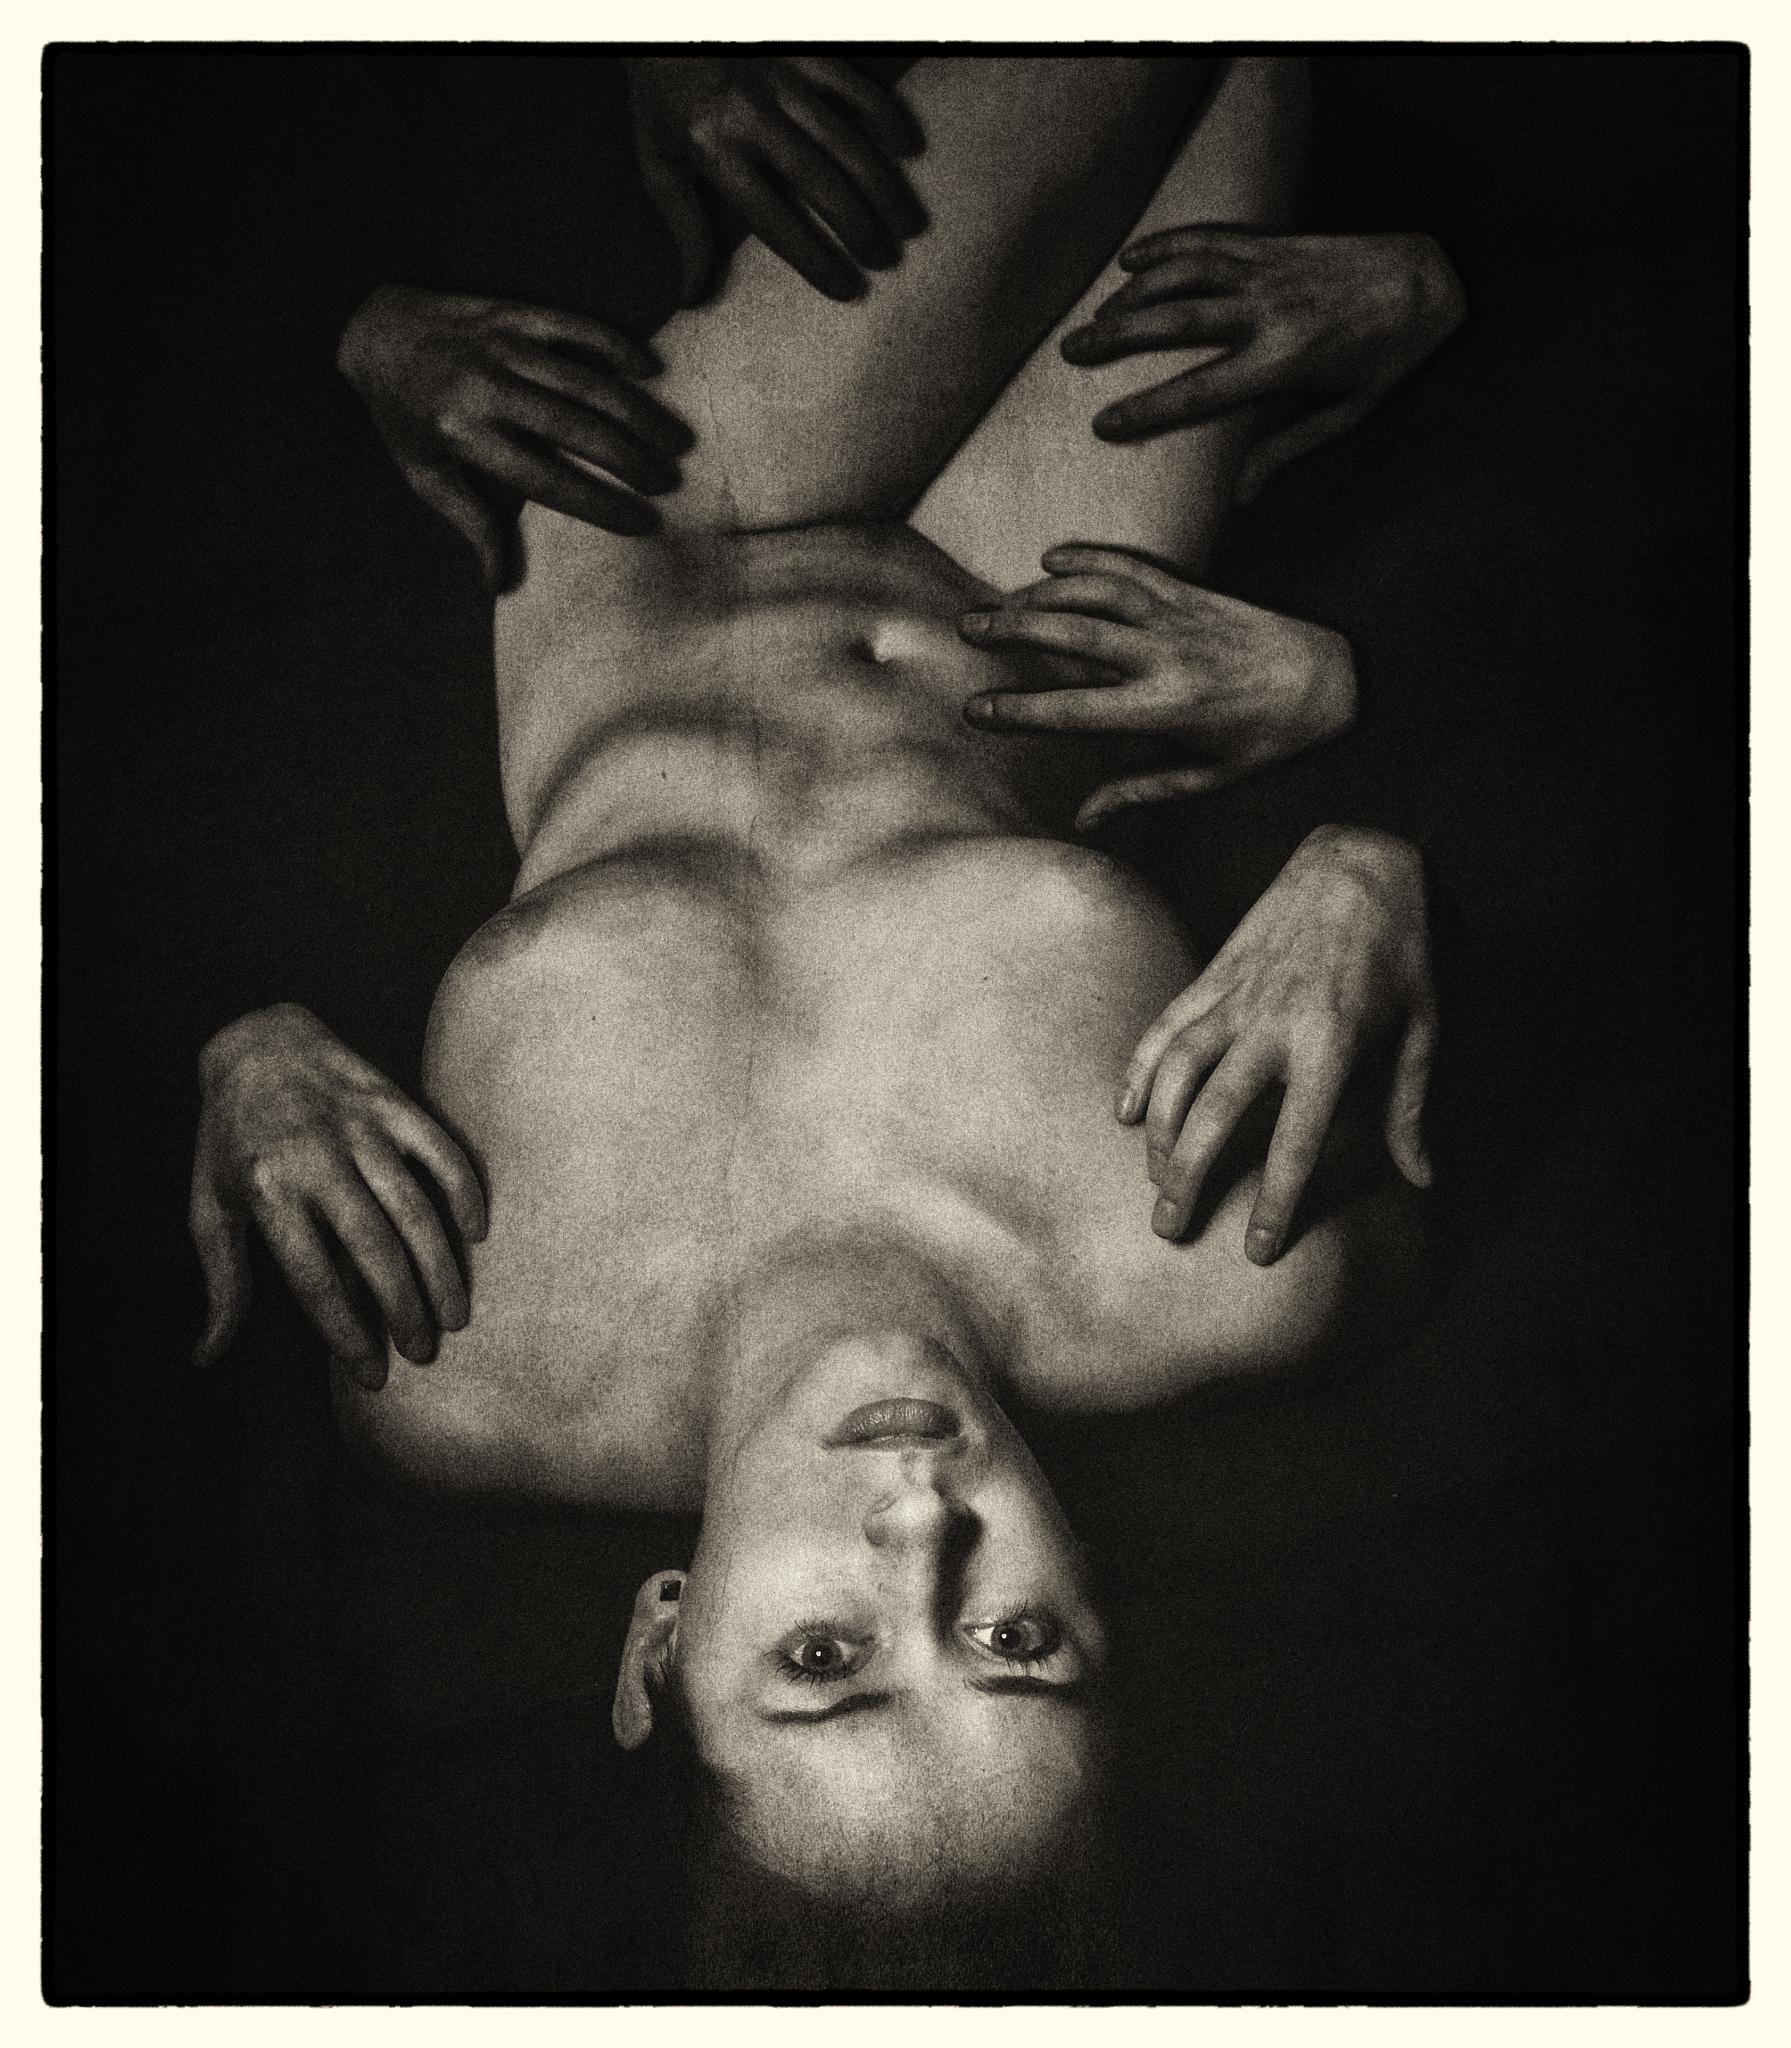 její tělo jeho ruce by vaclavwenig